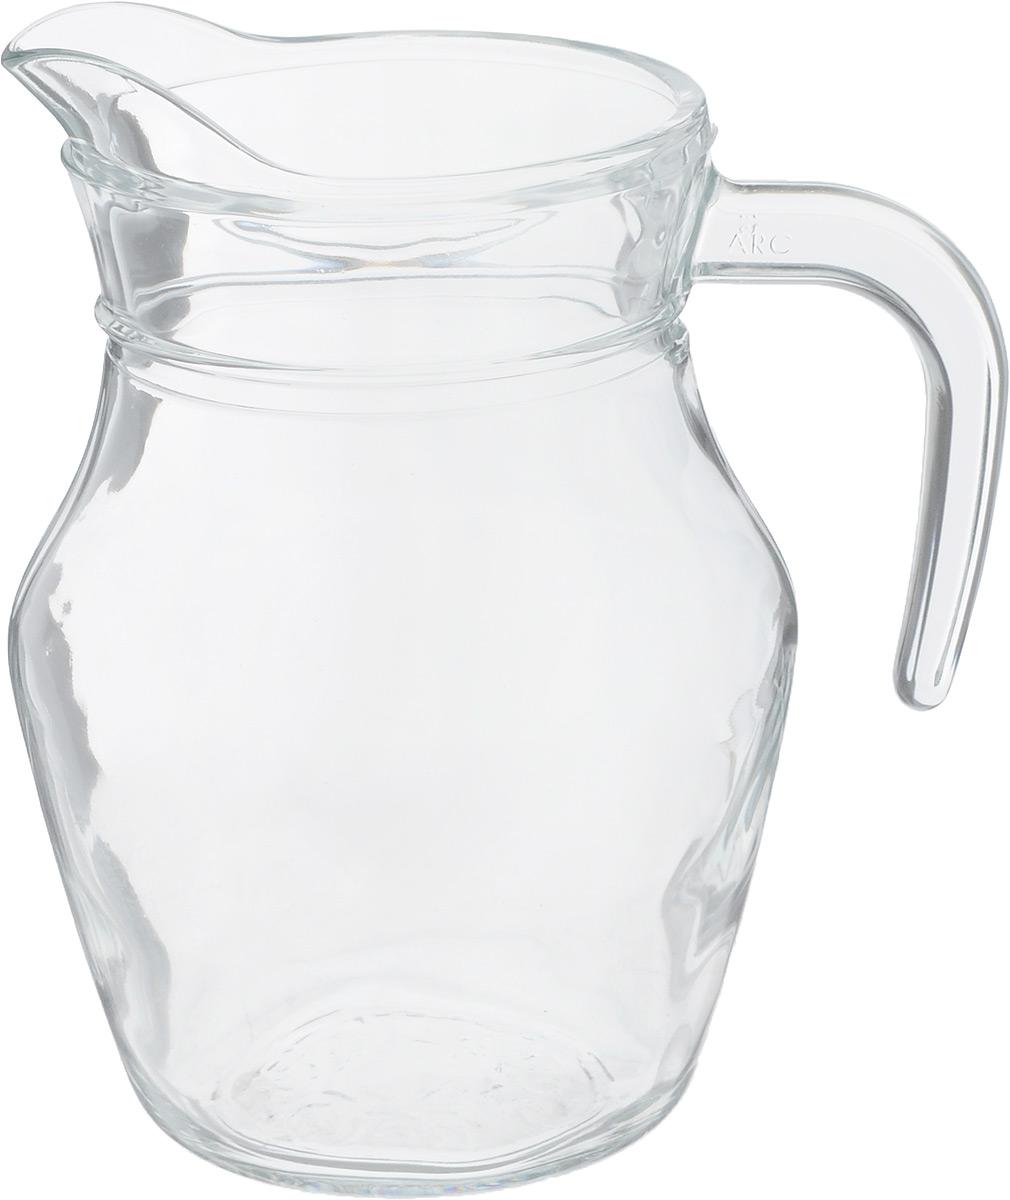 Кувшин Luminarc Arc, 500 млZM-11024Кувшин Luminarc Arc, выполненный из высококачественного стекла, оснащен удобной ручкой. В нем будет удобно хранить и подавать на стол молоко или сливки.Кувшин Luminarc Arc украсит любой кухонный интерьер и станет хорошим подарком для ваших близких. Диаметр кувшина (по верхнему краю): 8 см. Диаметр дна: 7 см. Высота кувшина: 14 см.